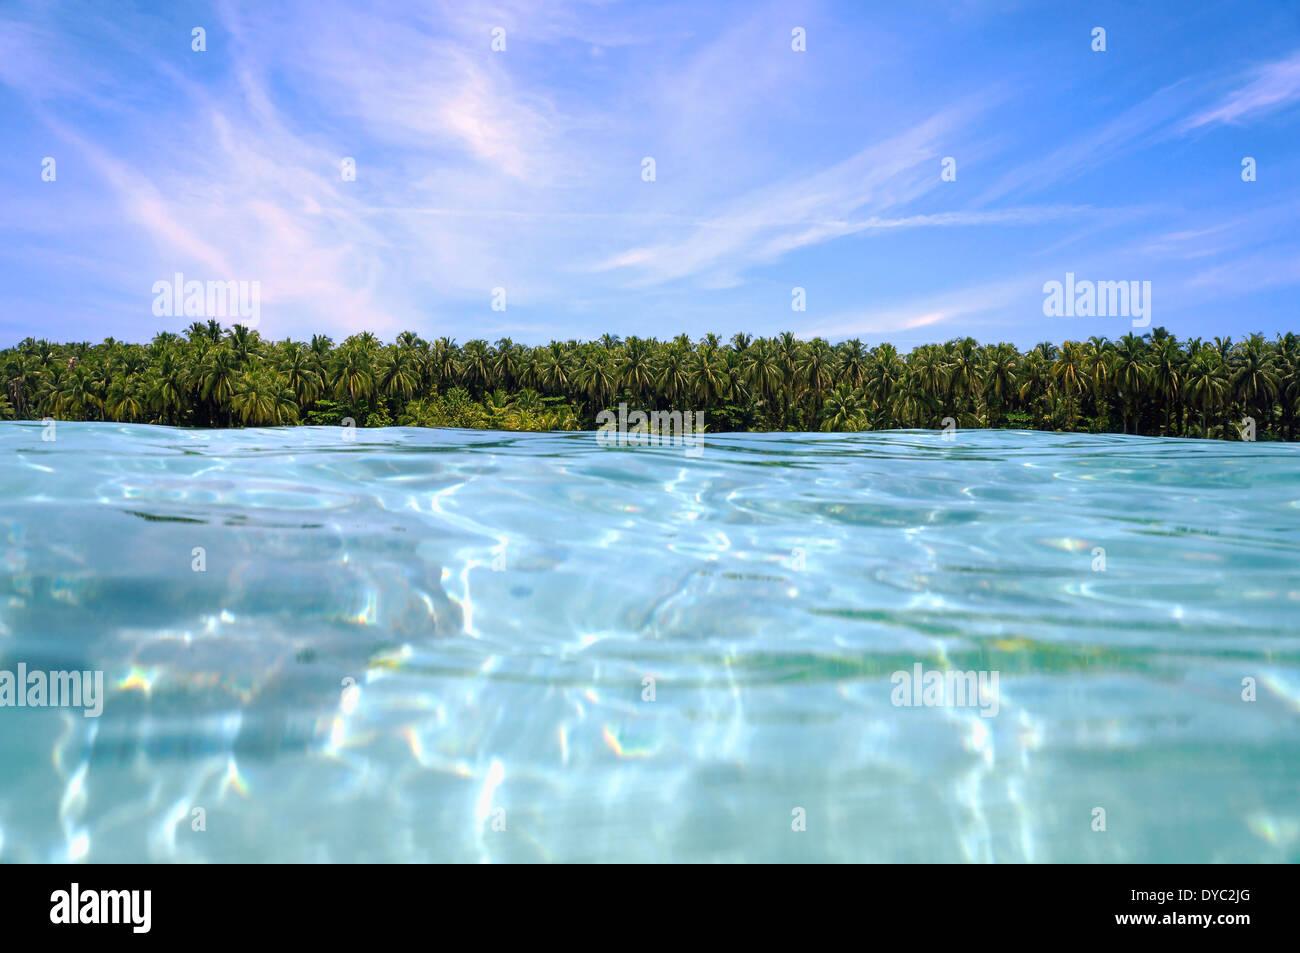 Gli alberi di cocco orizzonte dalla superficie dell'acqua Immagini Stock